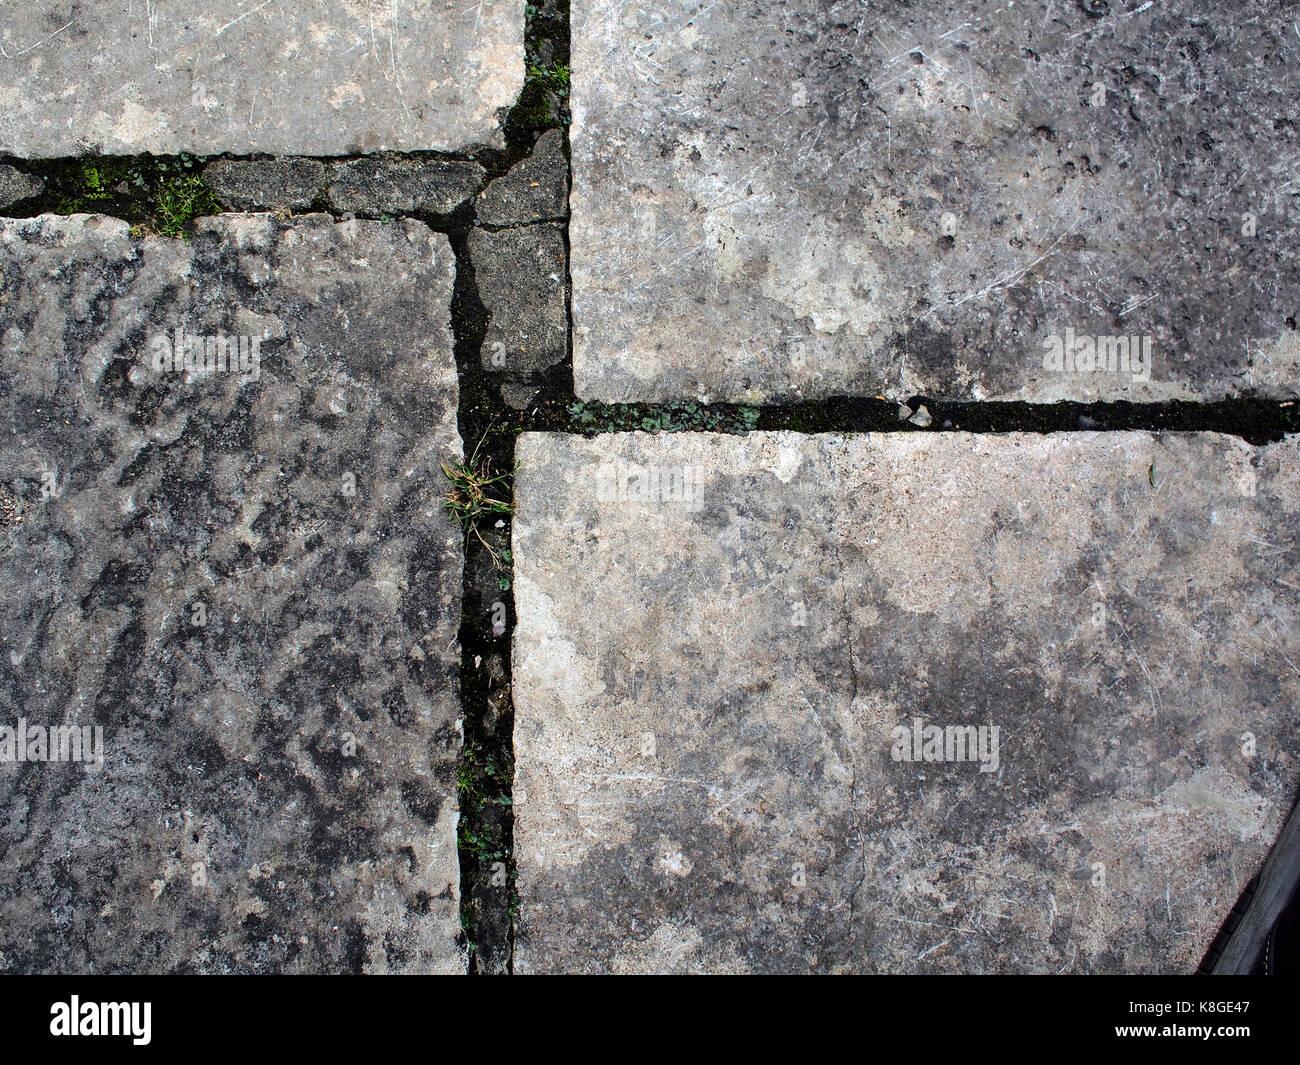 Detail Stone Slabs : Paving stone path stock photos